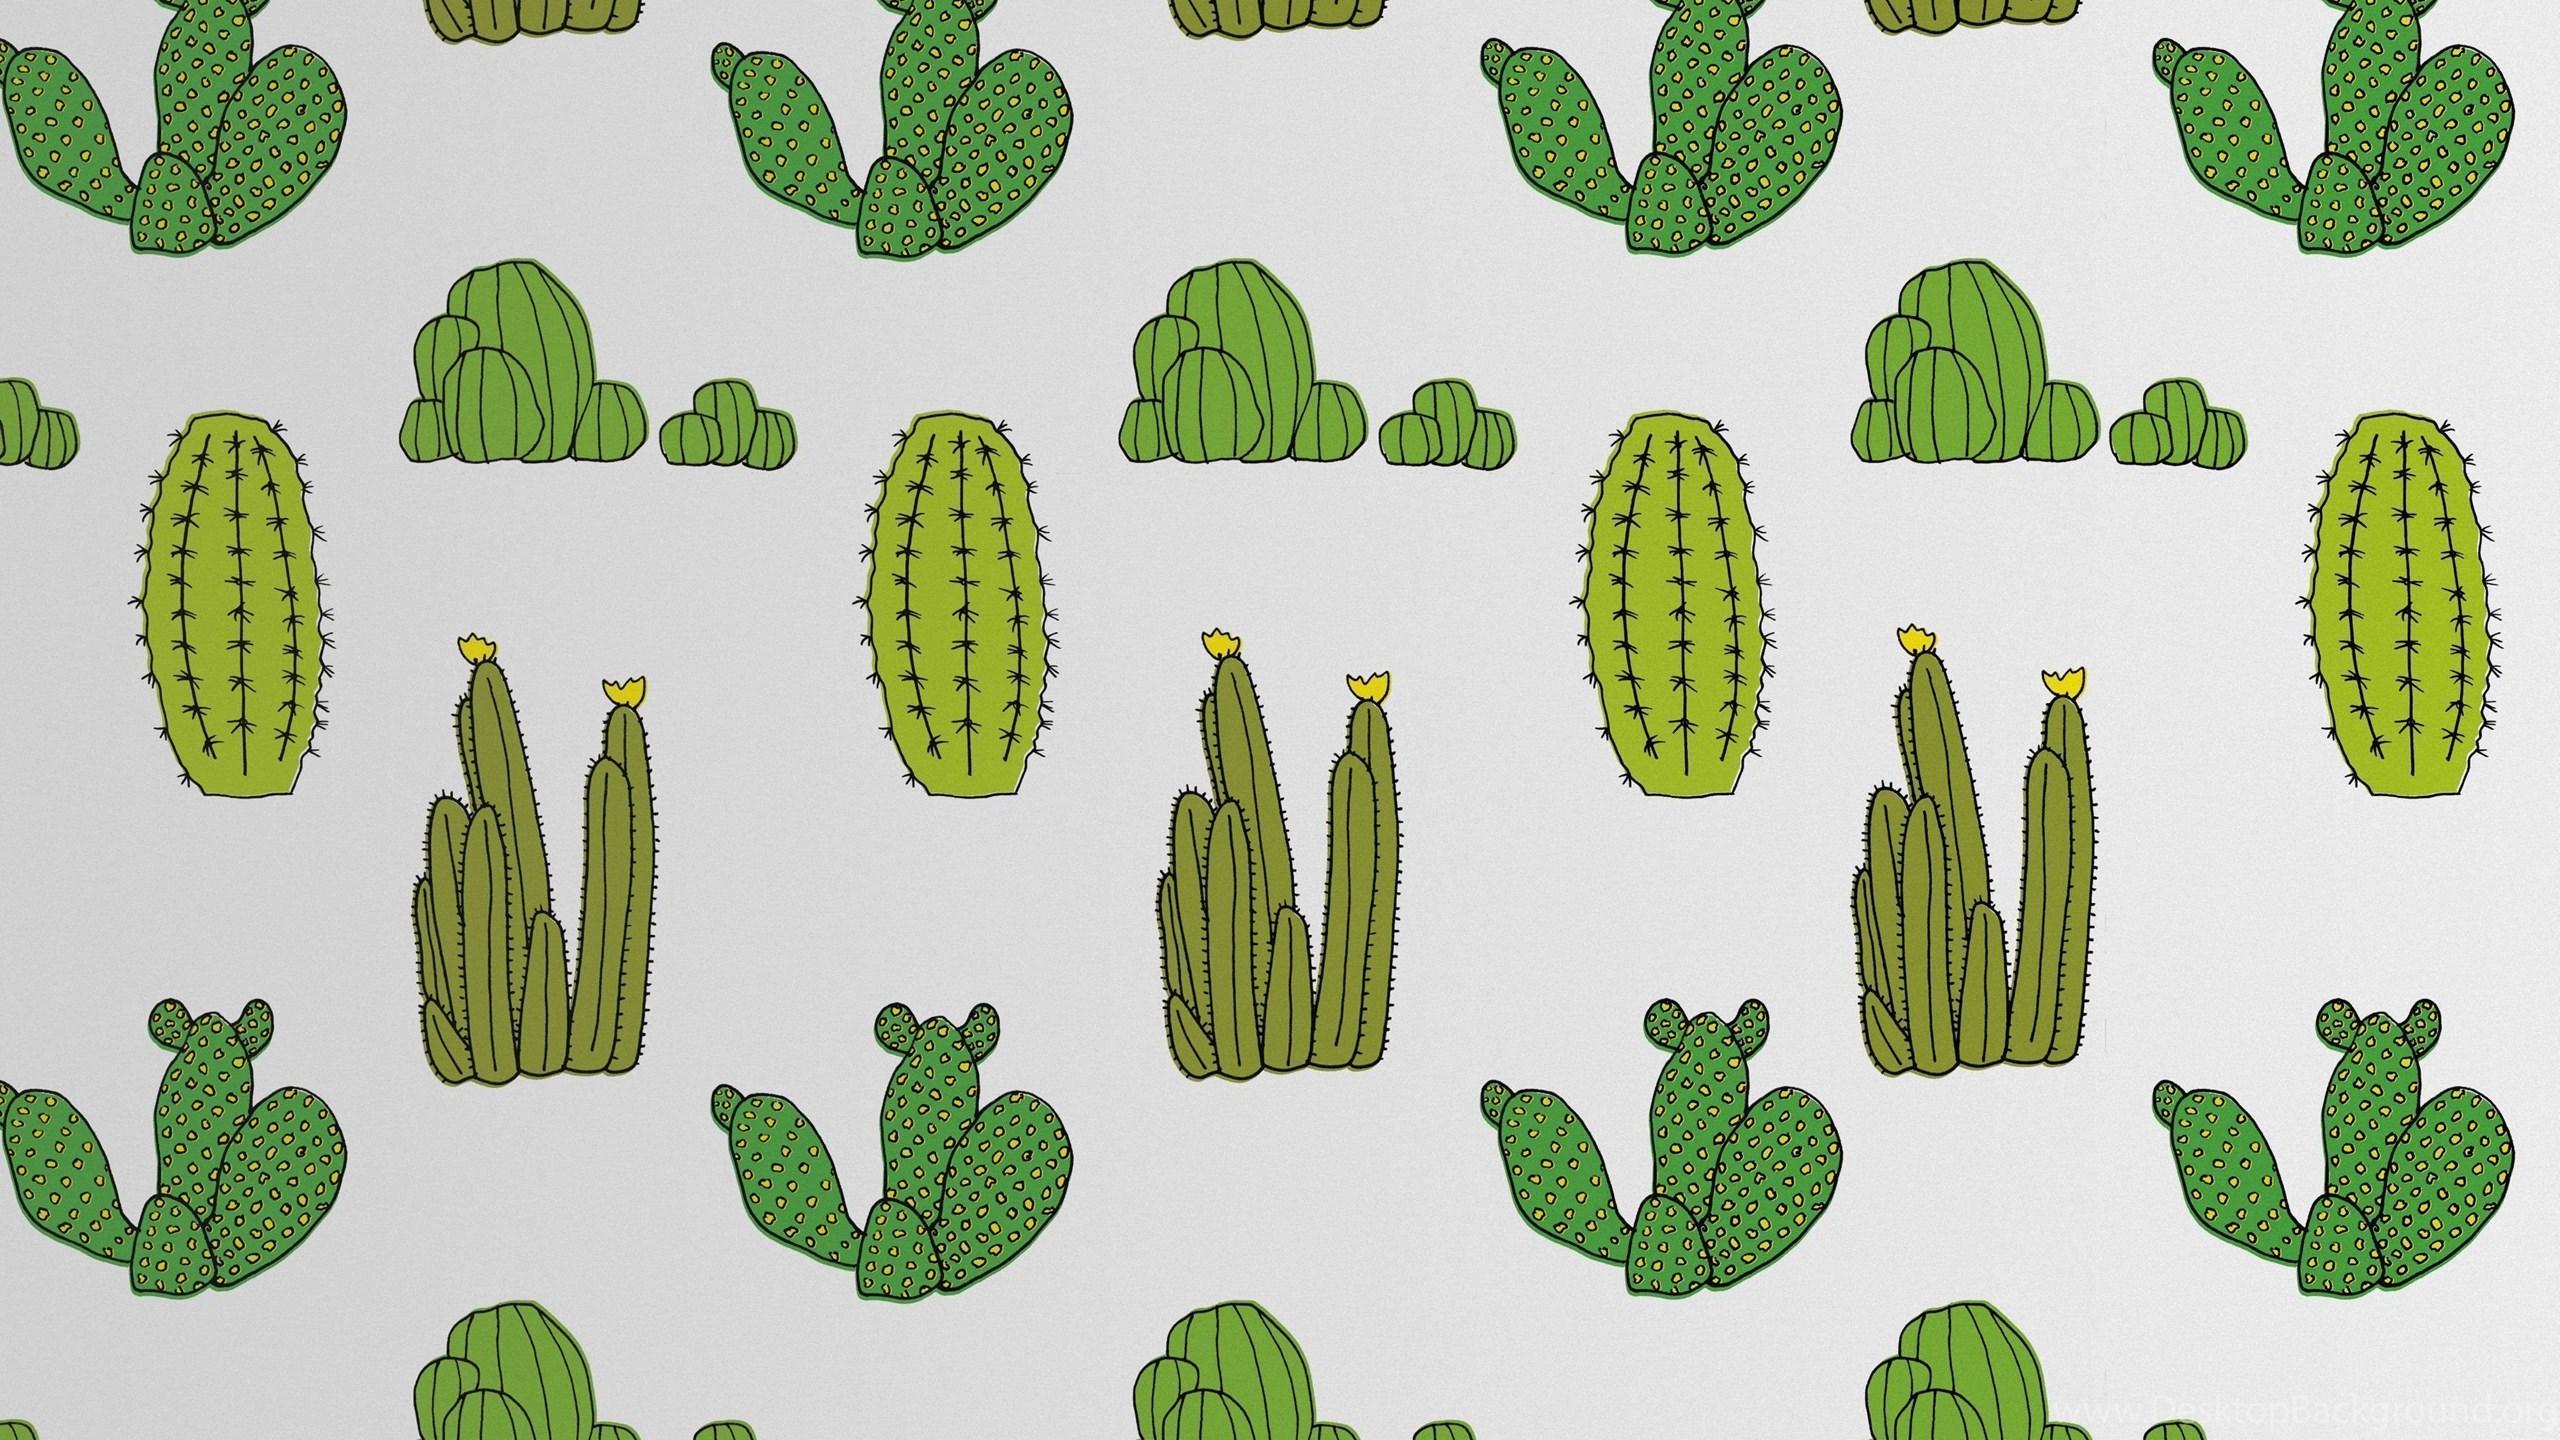 Cactus Wallpapers Desktop Background